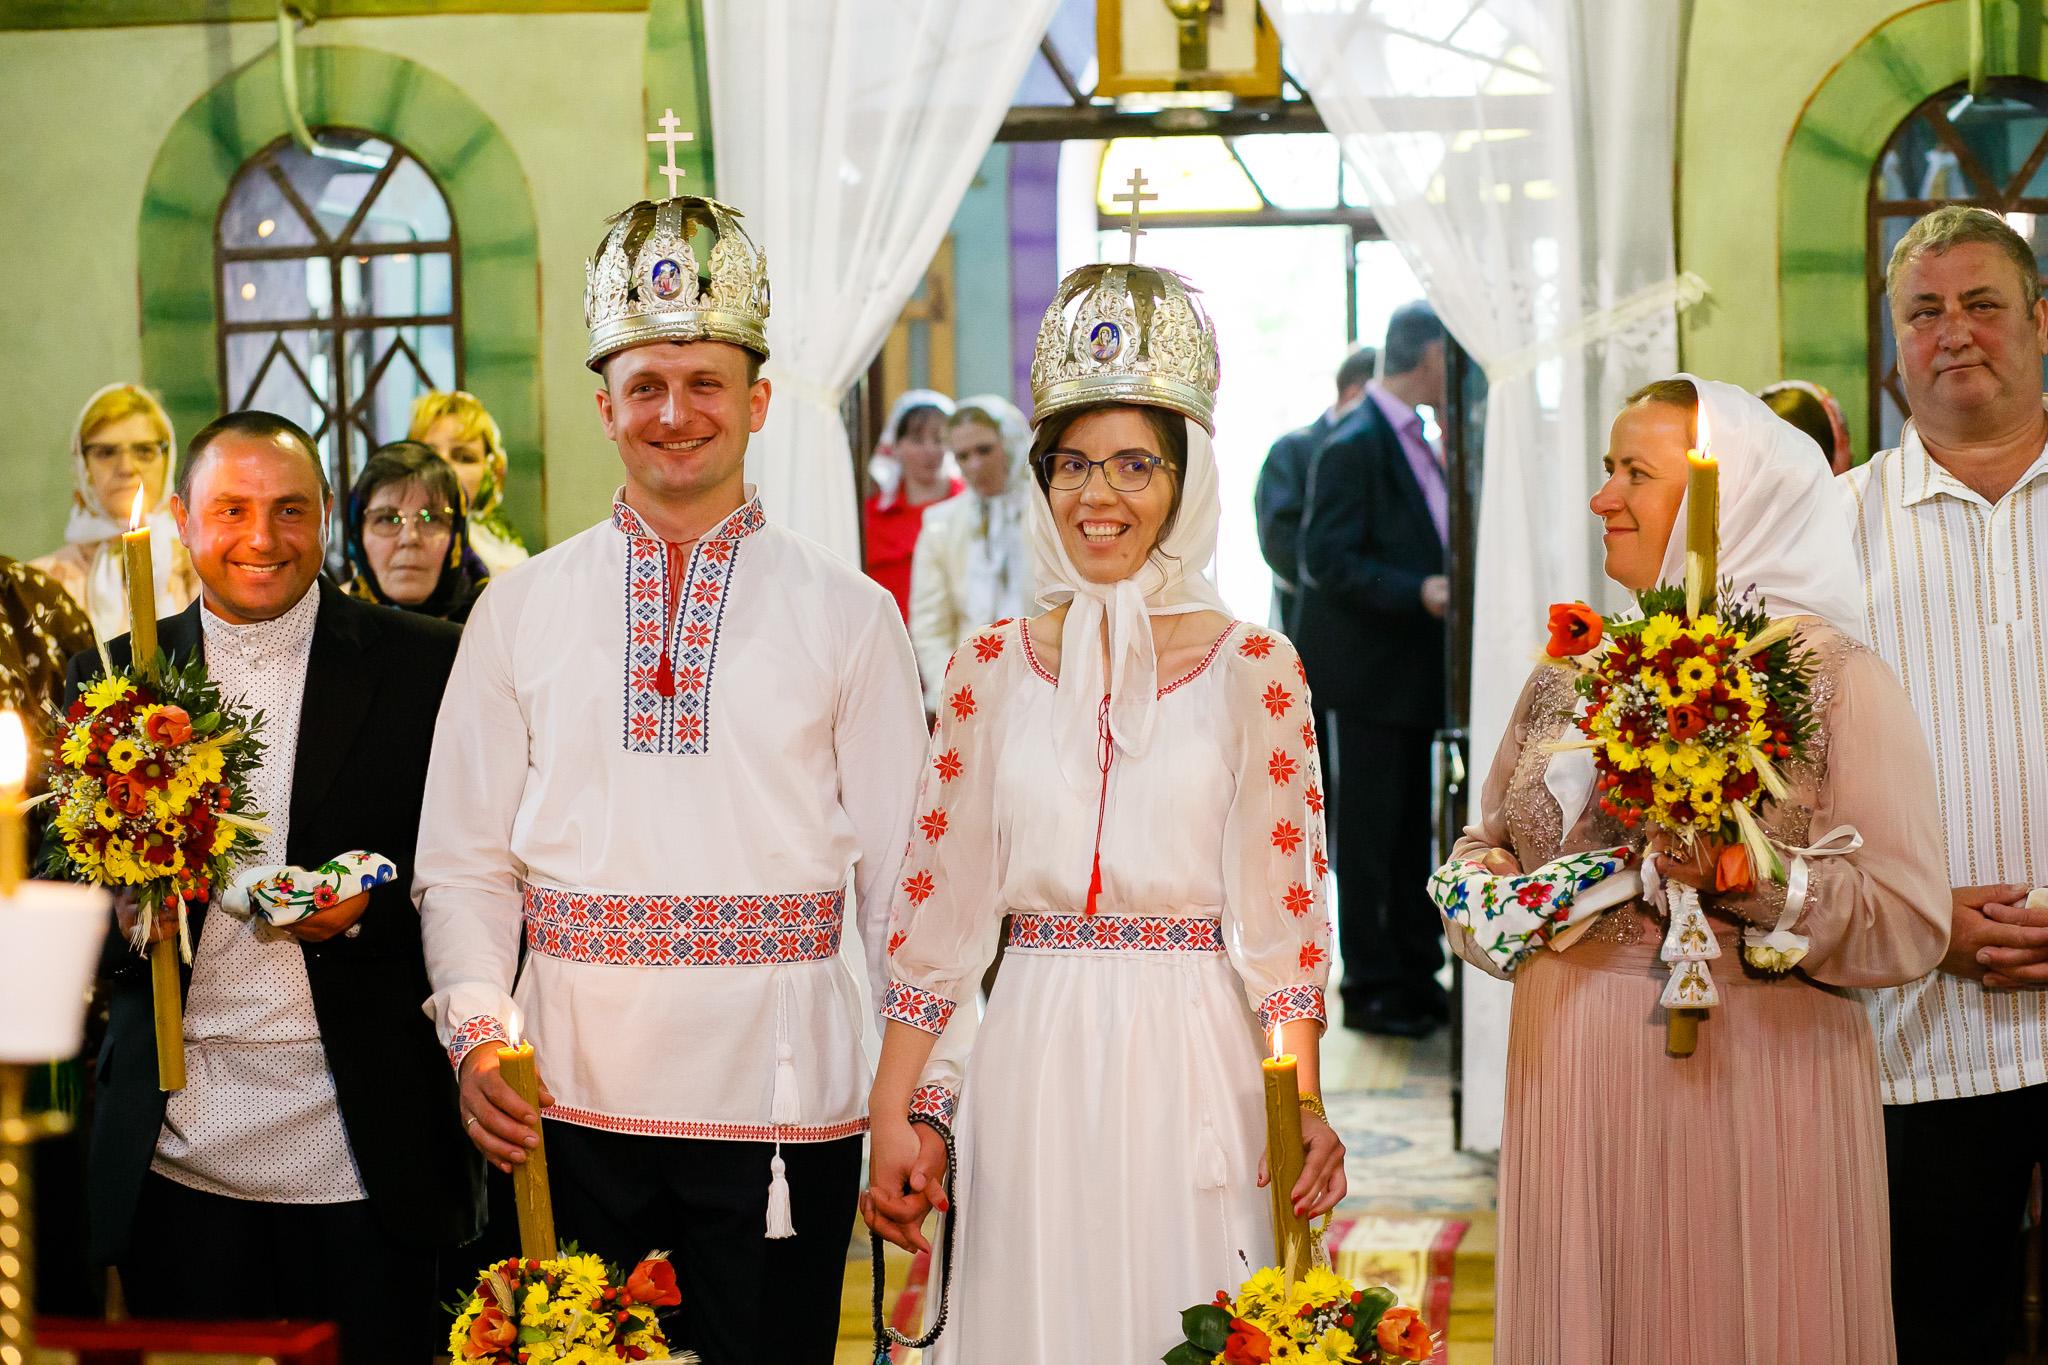 Nuntă tradițională Elisabeta și Alexandru fotograf profesionist nunta Iasi www.paulpadurariu.ro © 2018 Paul Padurariu fotograf de nunta Iasi cununia religioasa 8